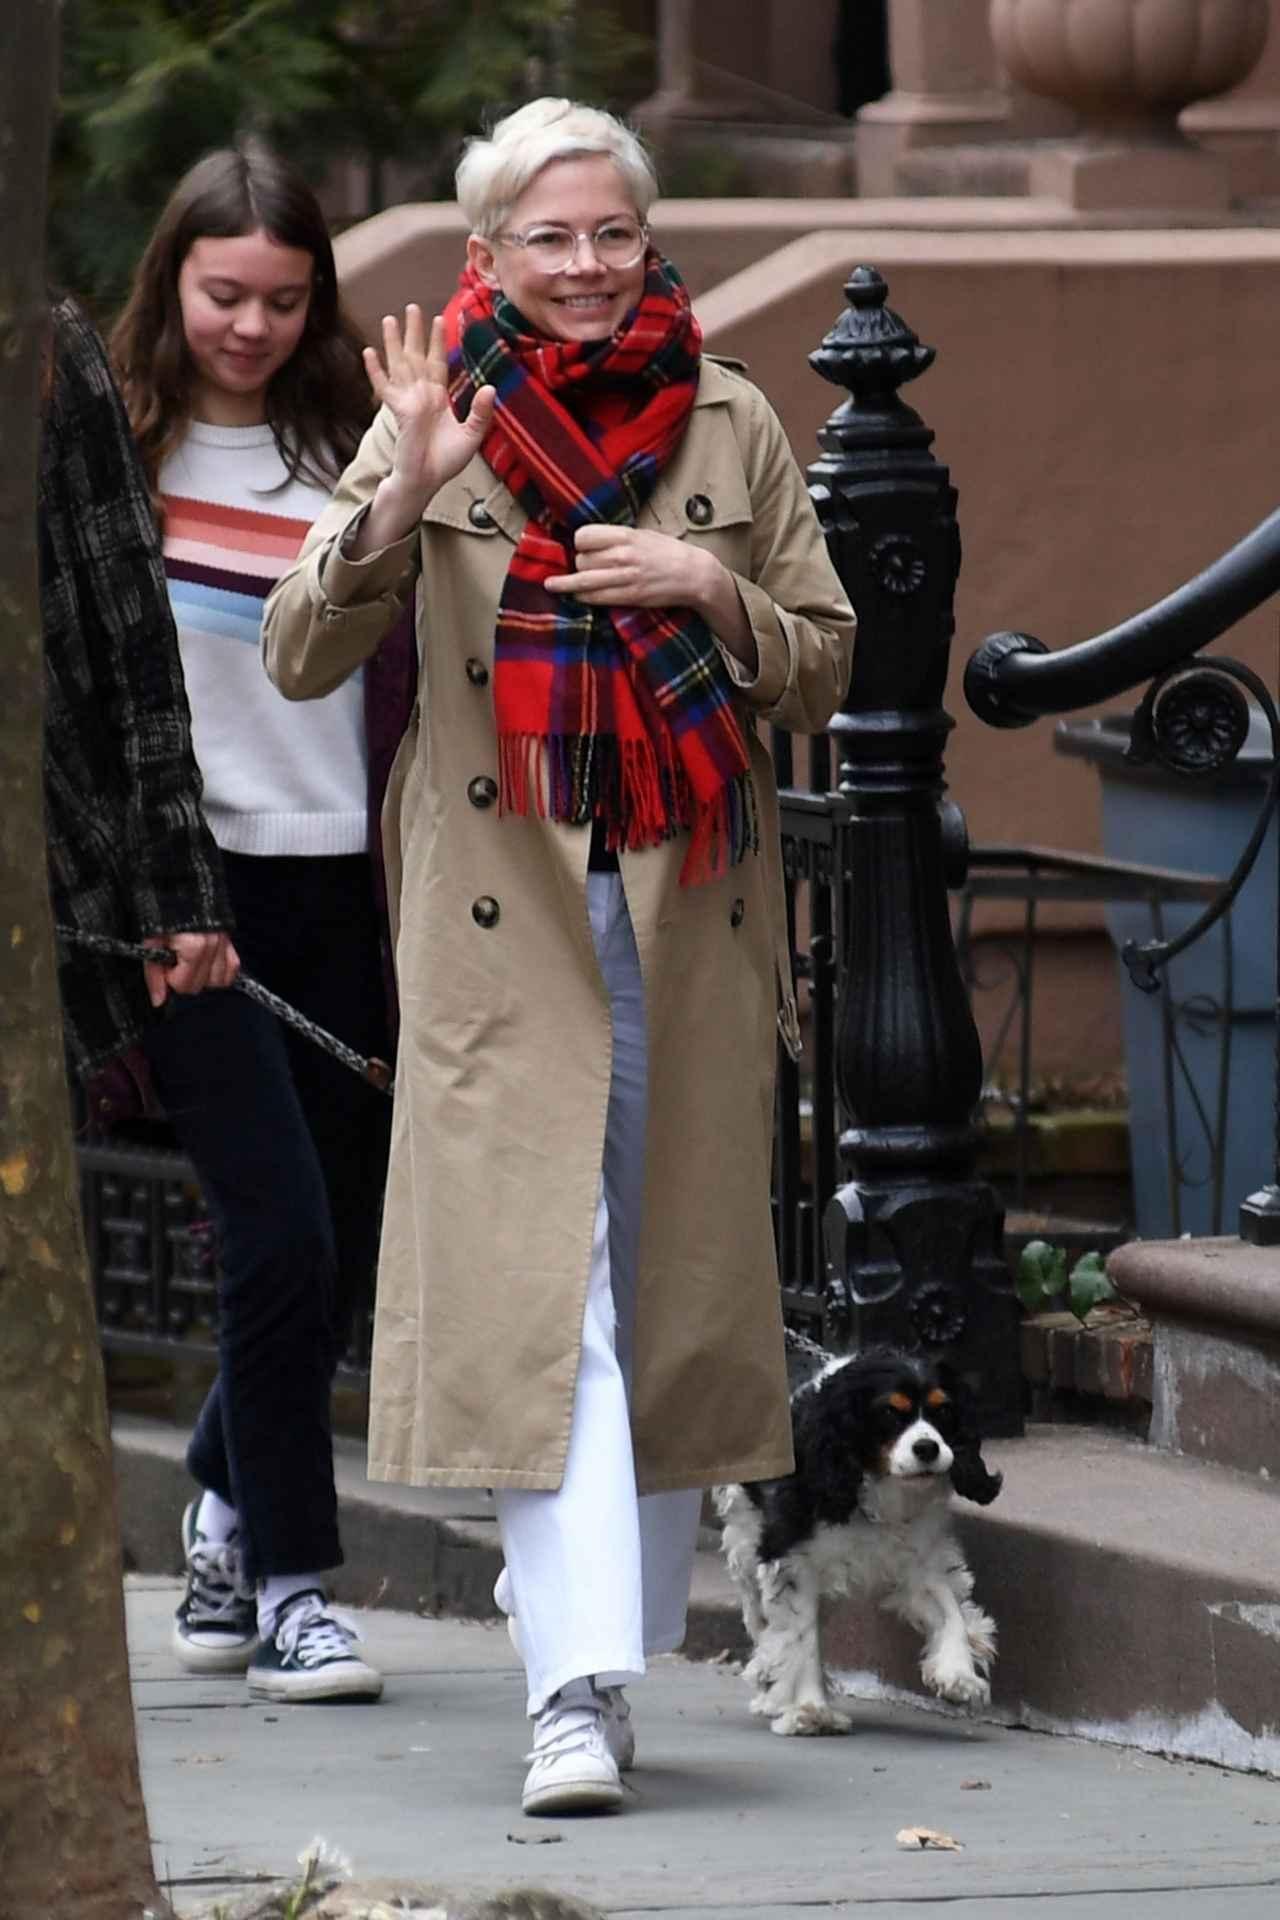 グレイテスト ショーマン 女優 12歳娘とのハグが素敵なので見てほしい フロントロウ 海外セレブ情報を発信 秋冬 ファッション ファッションスタイル 秋冬 ファッション 50代